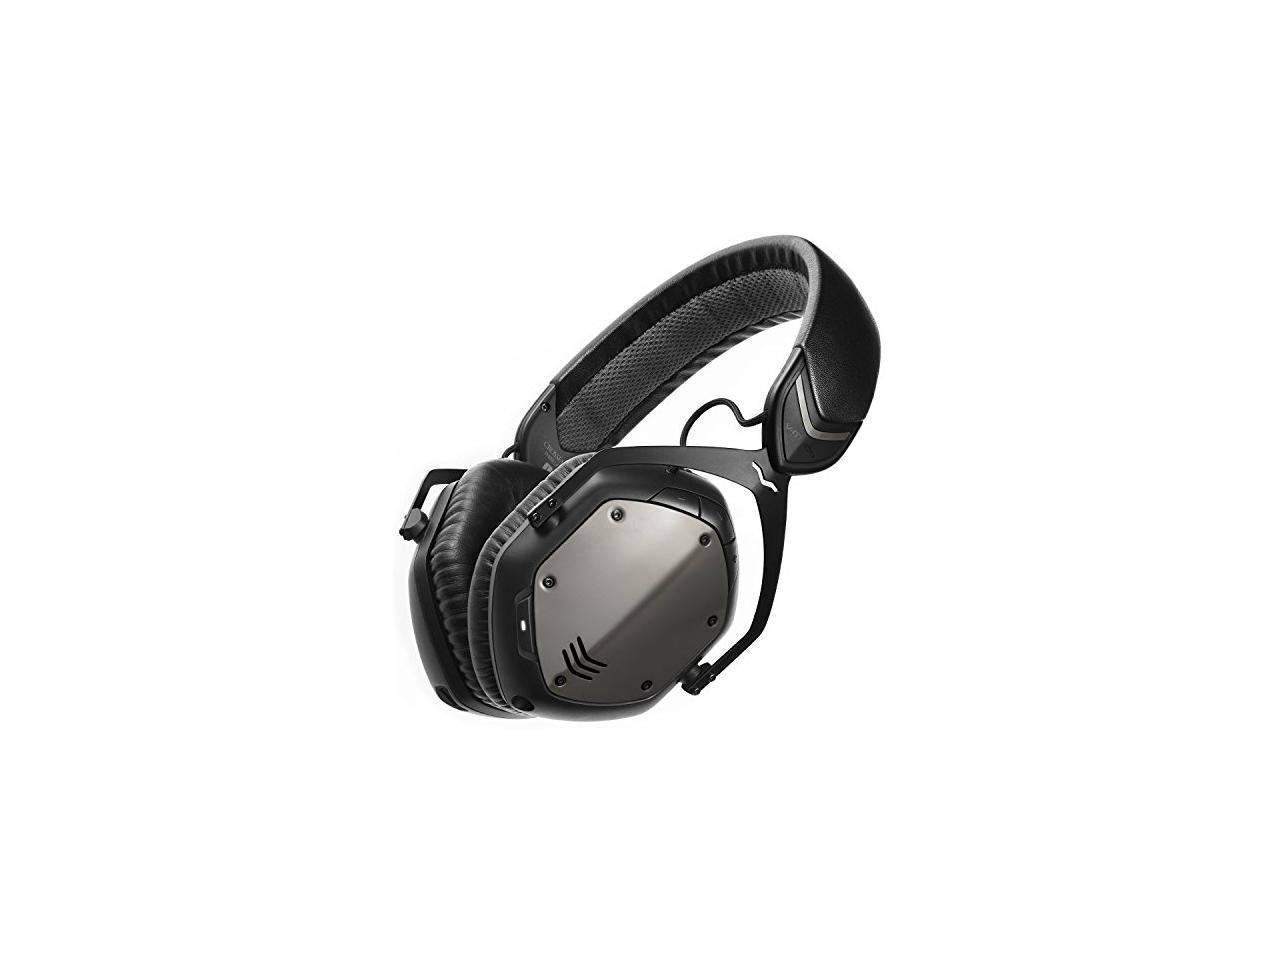 V-MODA Crossfade Bluetooth Headphones (various colors) $154.99 + Free Shipping via Newegg